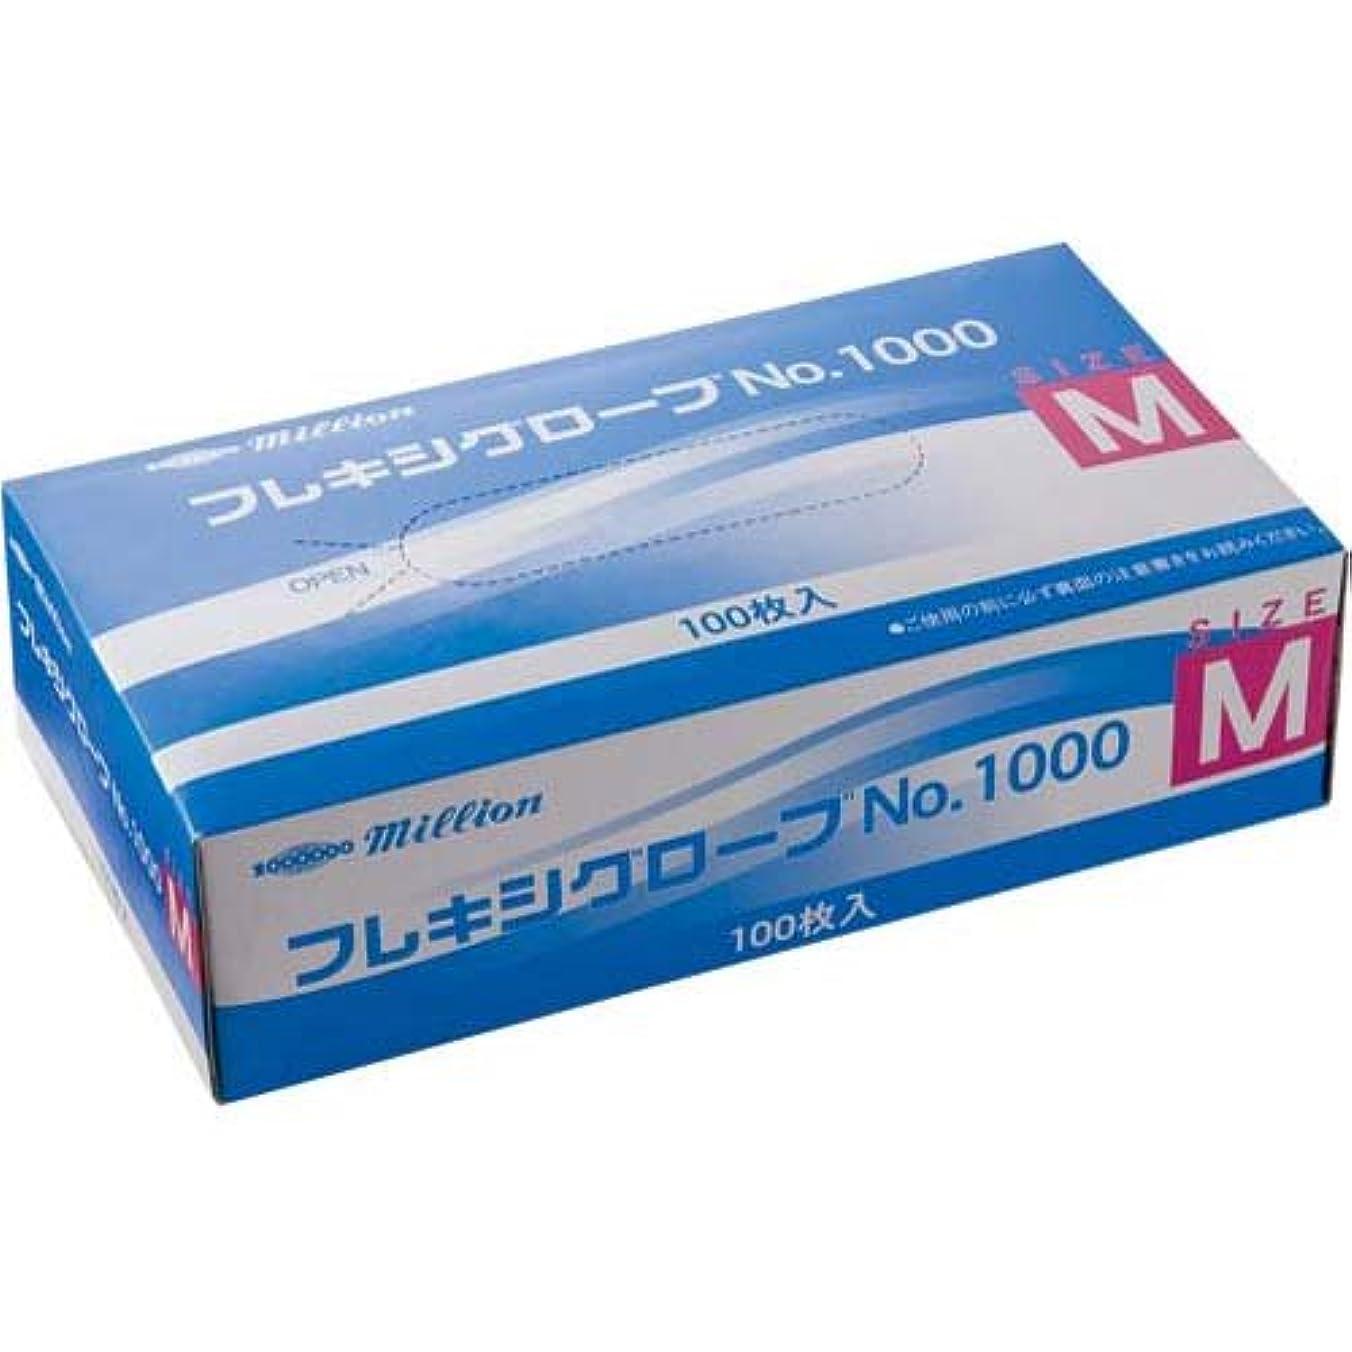 おとうさん癌スペース共和 プラスチック手袋 粉付 No.1000 M 10箱